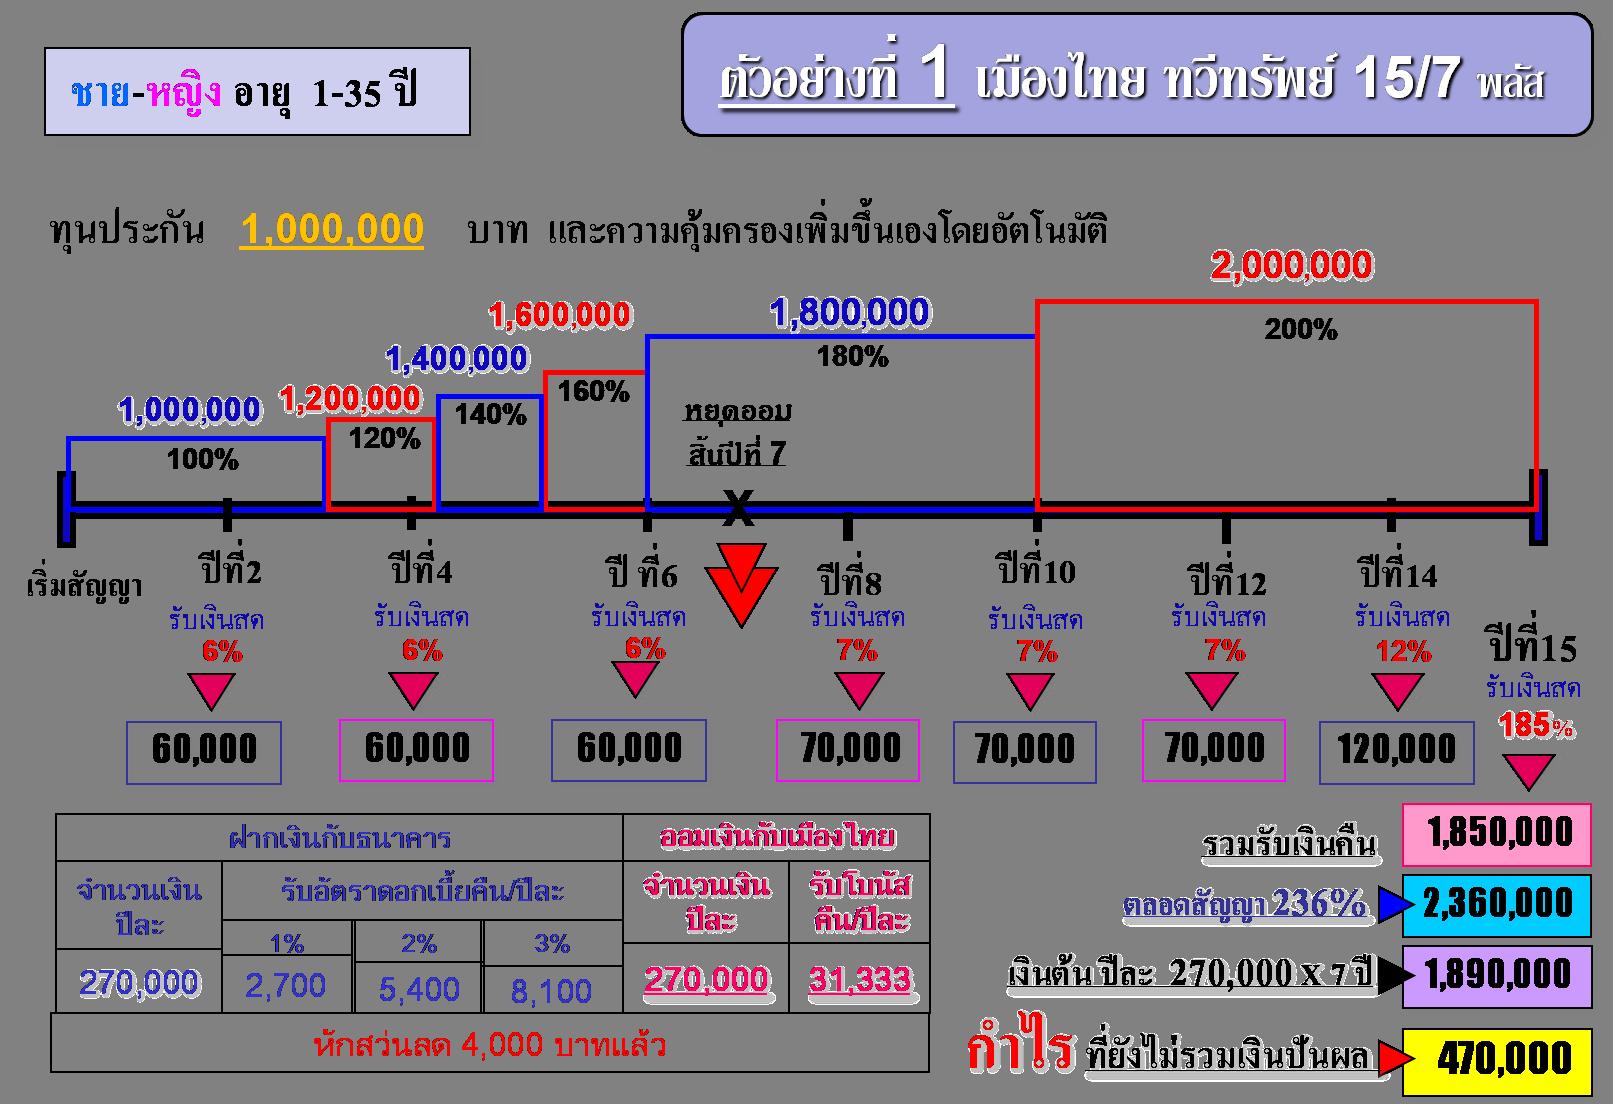 ออมทรัพย์ 15/7 เมืองไทยประกันชีวิต